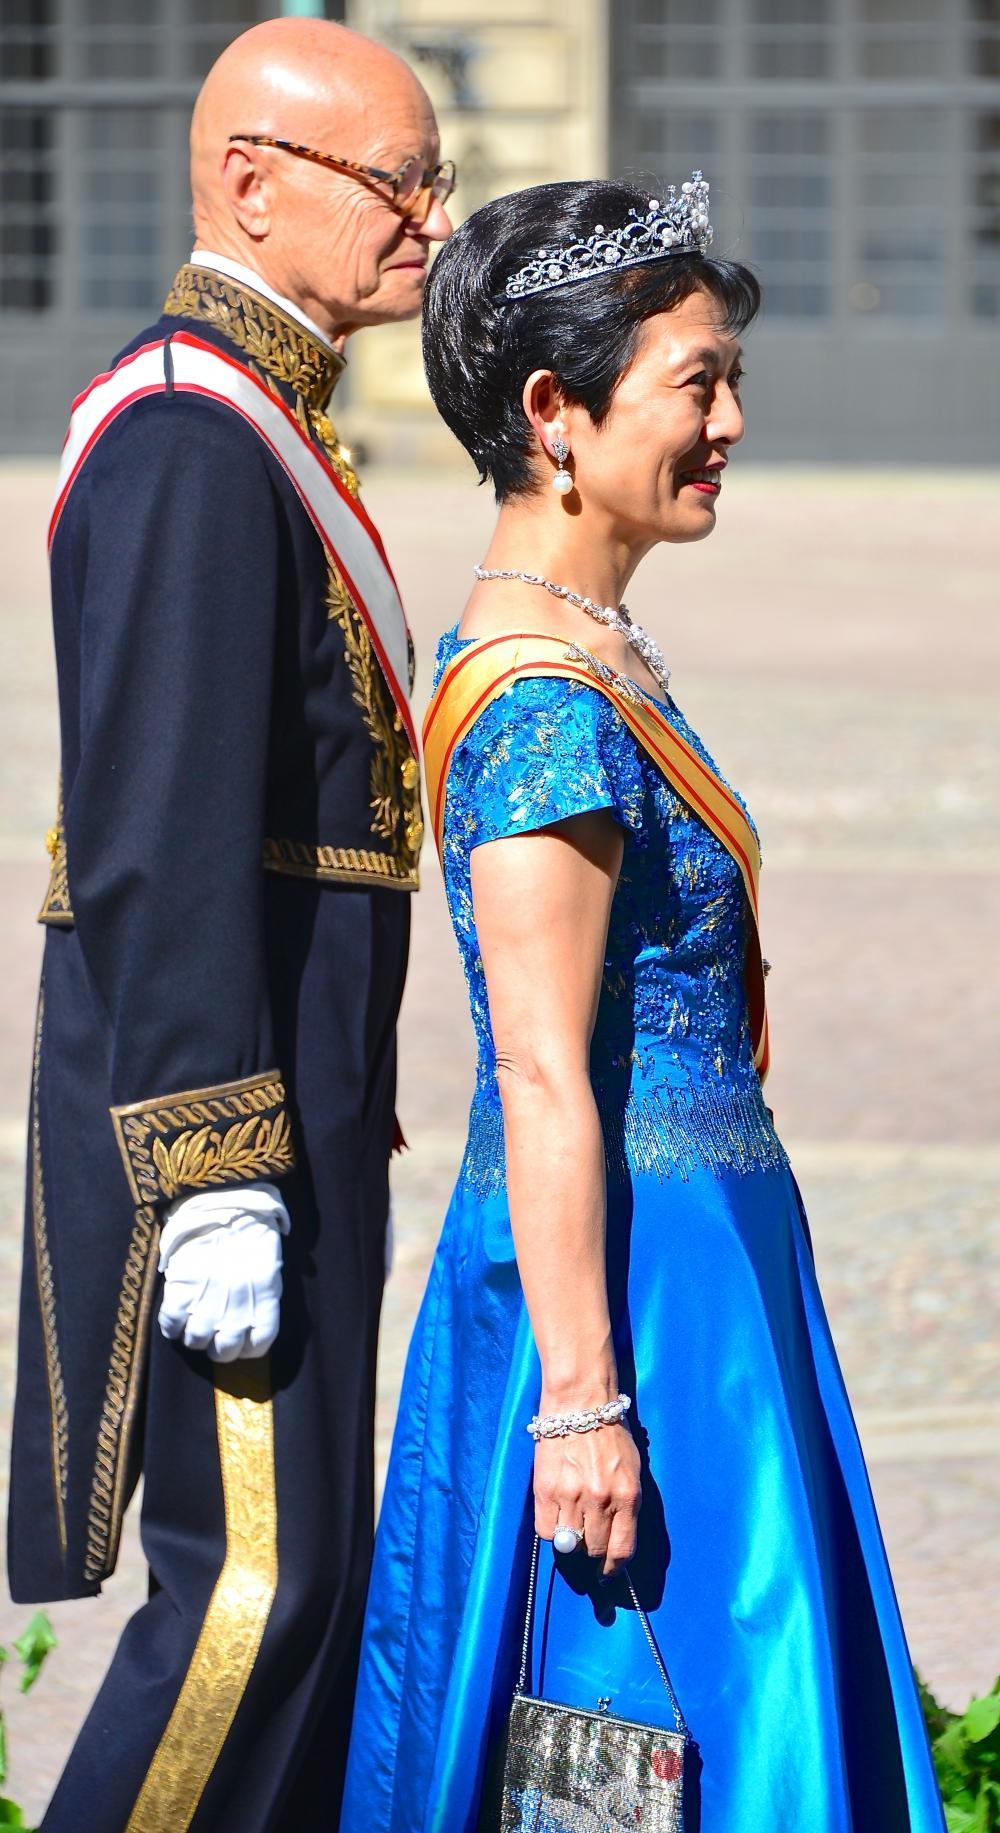 Принцесса Такамадо перед свадьбой принцессы Швеции Мадлен и Кристофера О'Нила в июне 2013 года